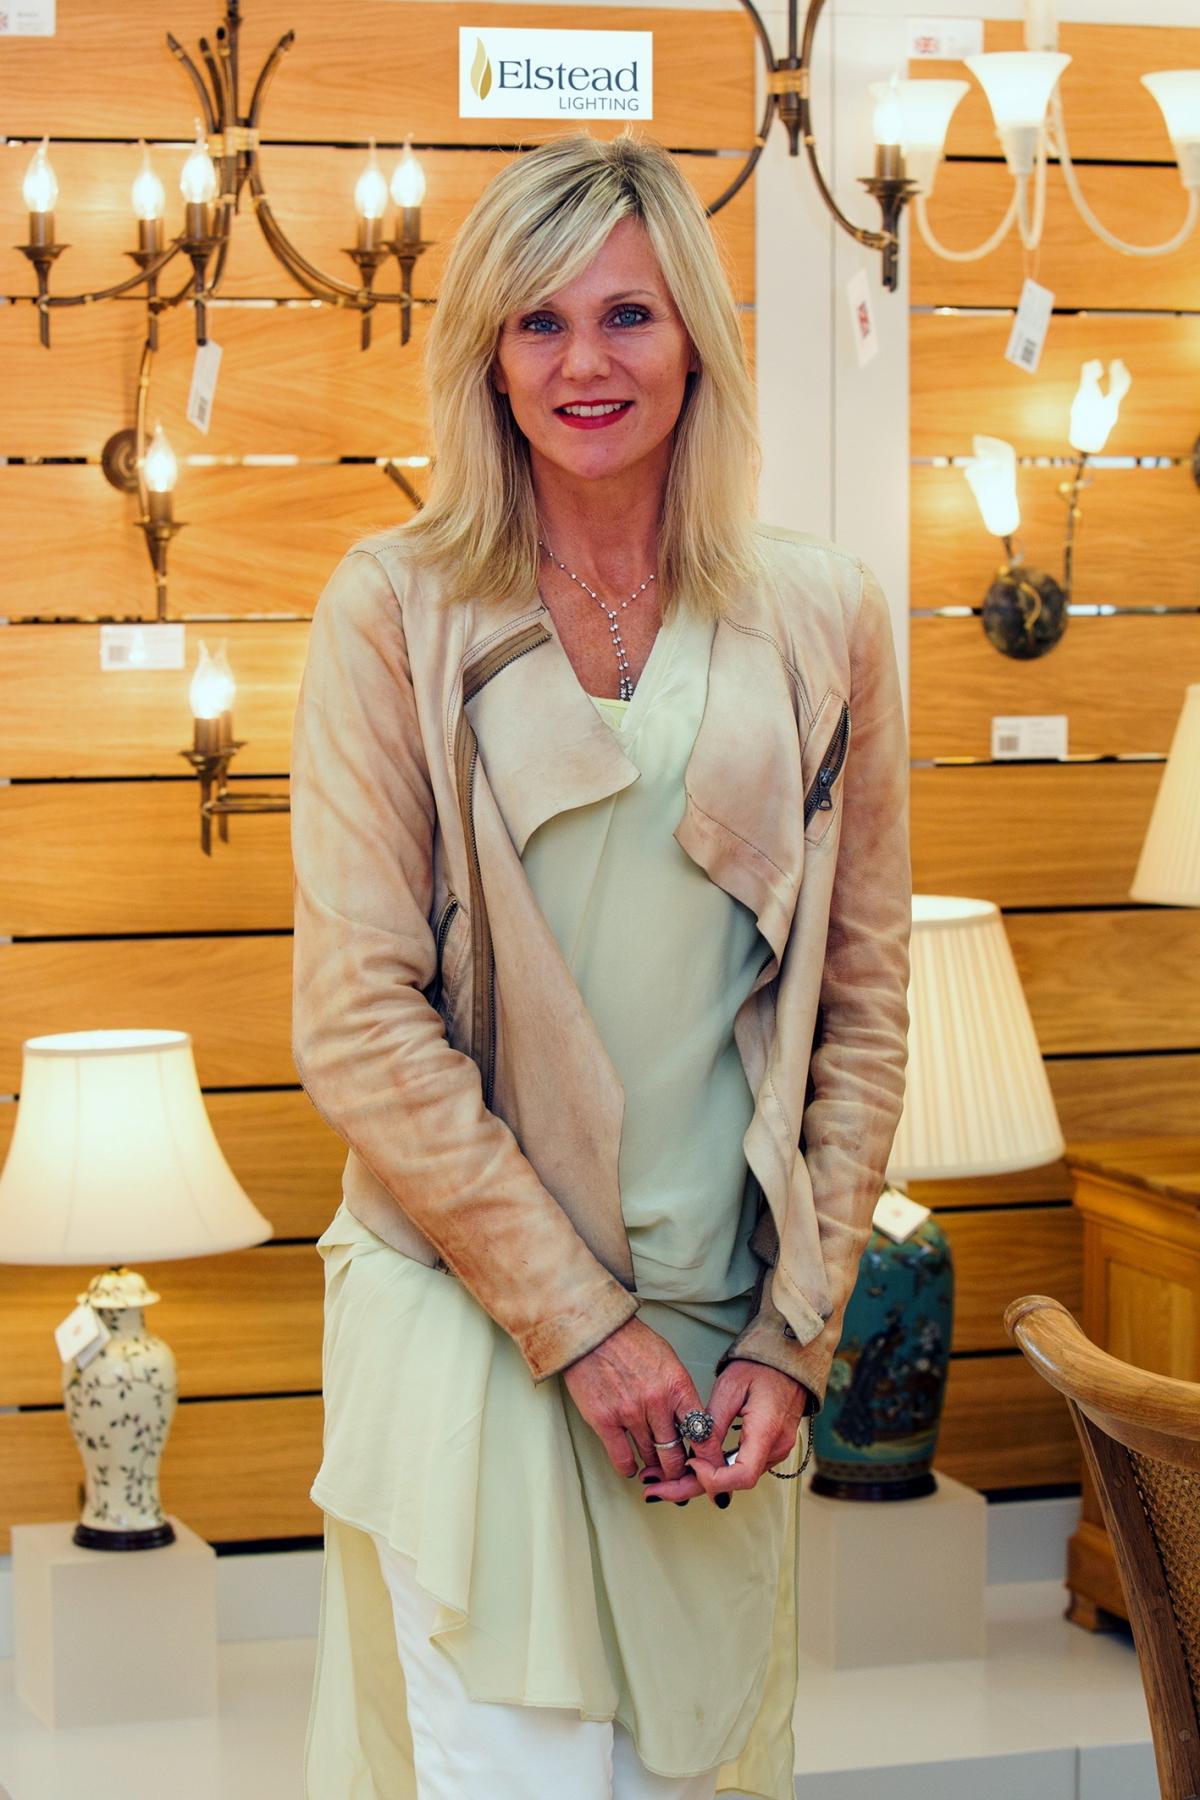 Celebrity interior designer Linda Barker opens Elstead